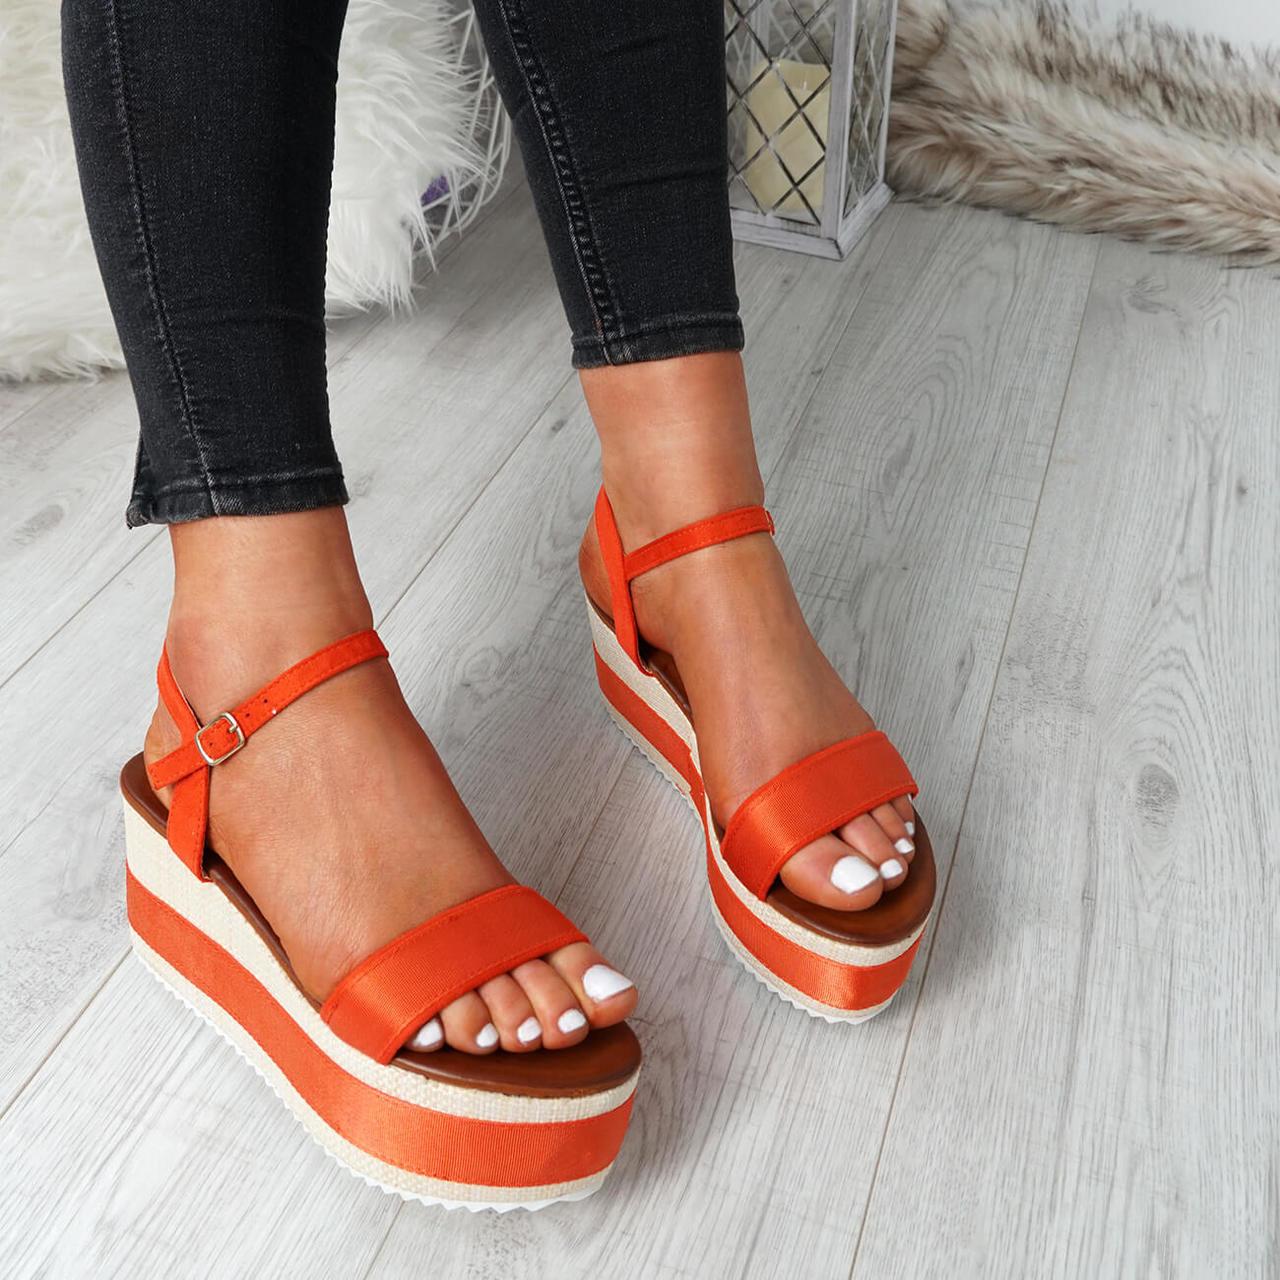 Fashion trends in sandals 2019 - Cucu